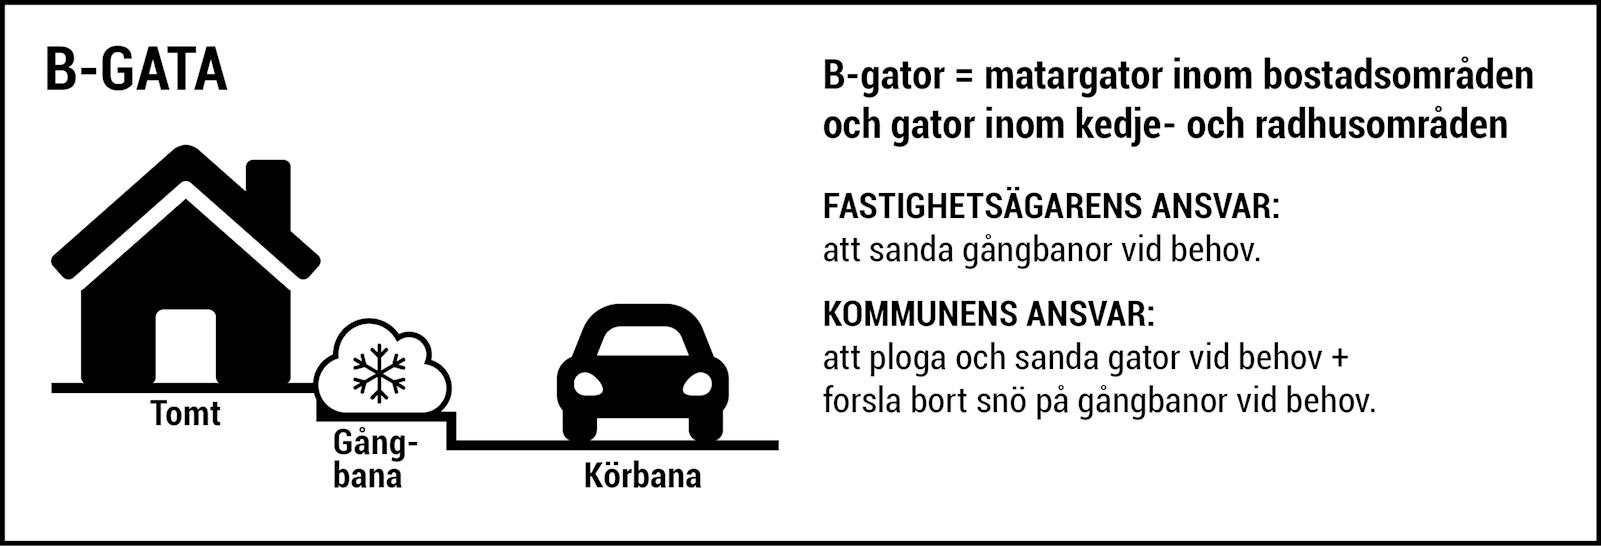 B-gator = matargator inom bostadsområden och gator inom kedje- och radhusområden